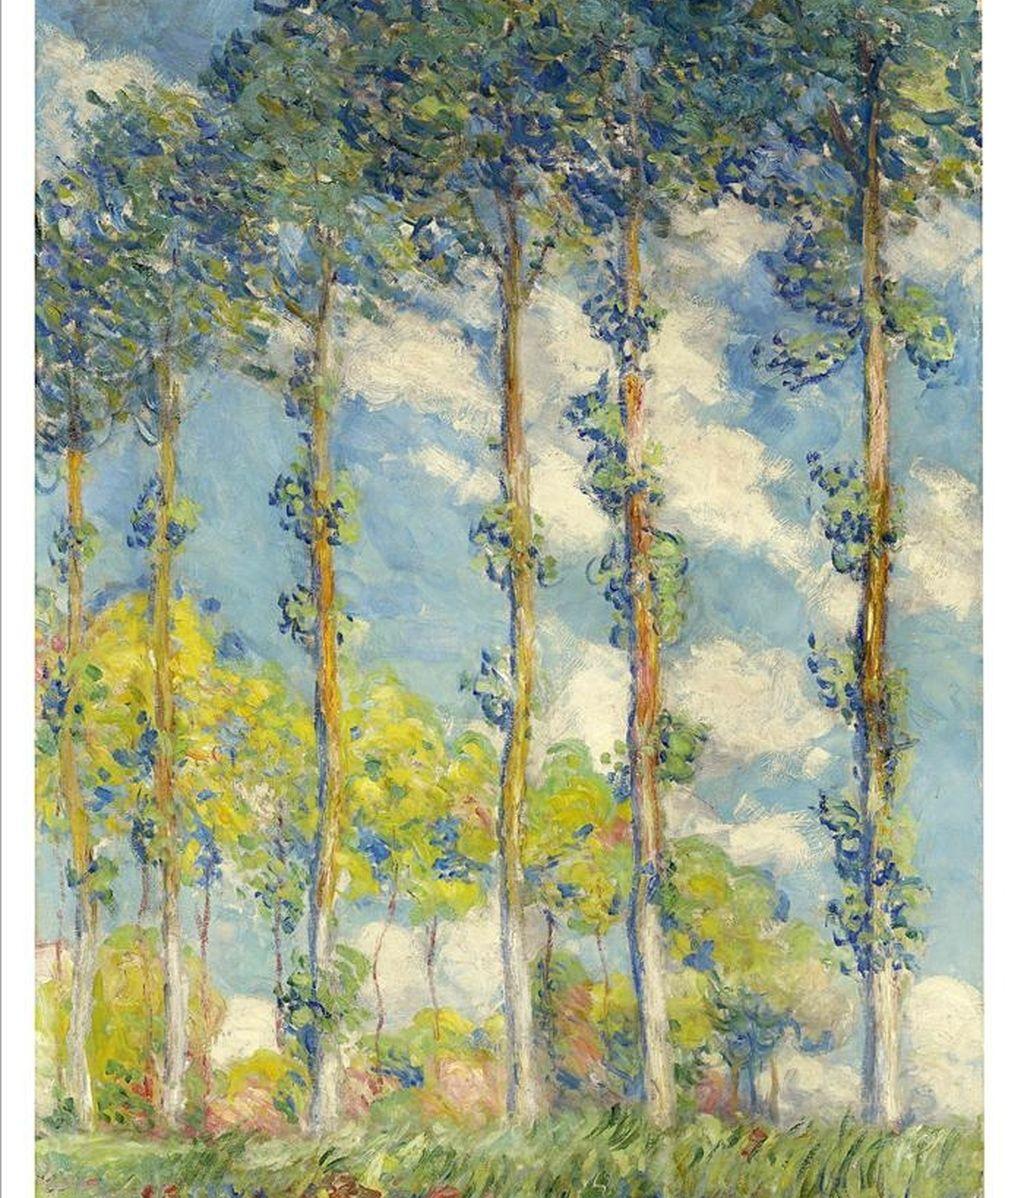 """Fotografía cedida en donde se aprecia el óleo """"Les peupliers"""", de Claude Monet (1840-1926), que lideró con un precio de 22,48 millones de dólares la subasta de arte impresionista y moderno que celebró Christie's este miércoles en Nueva York (EE.UU.). EFE"""